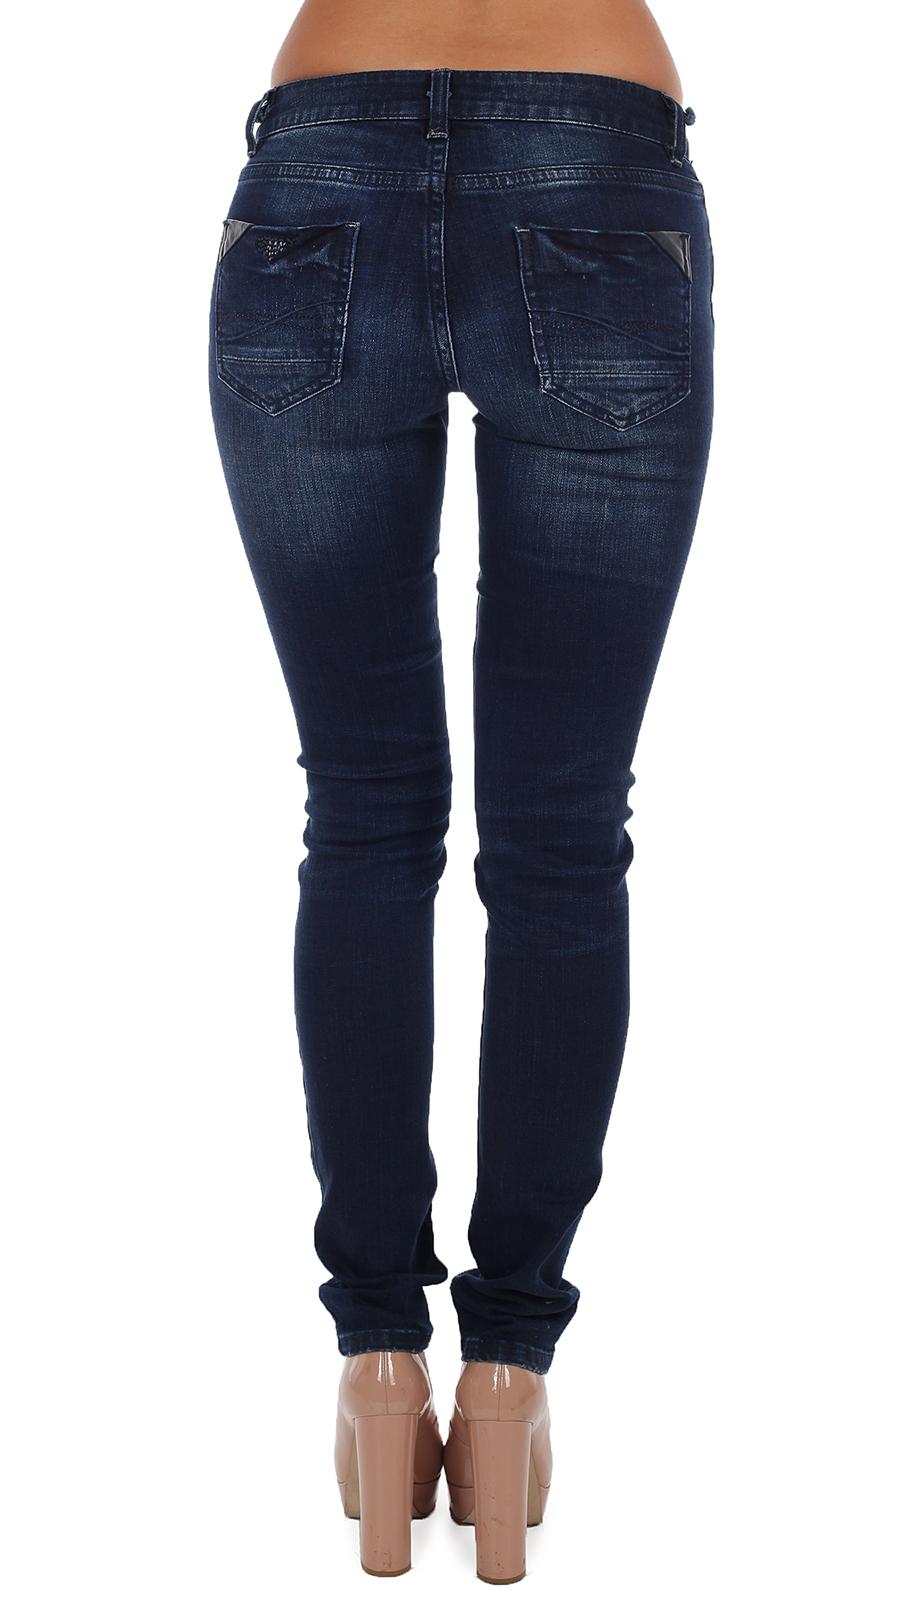 Женские джинсы L.M.V. с вышивкой и заклёпками